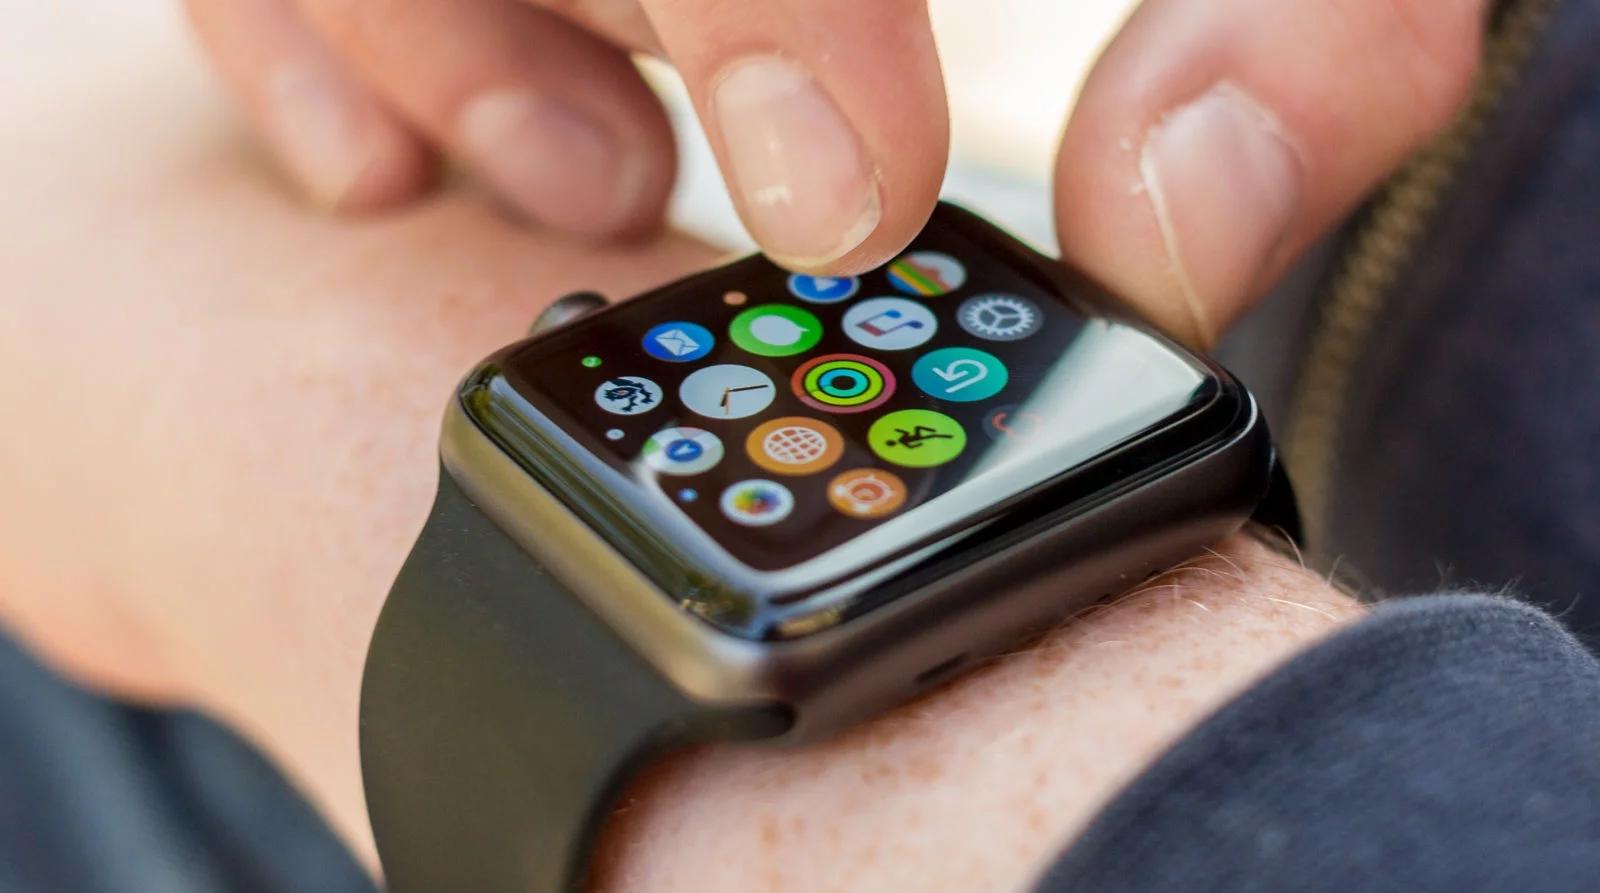 Imagem de Apple Watch 3 deve ser lançado em setembro juntamente com iPhone 8 no tecmundo